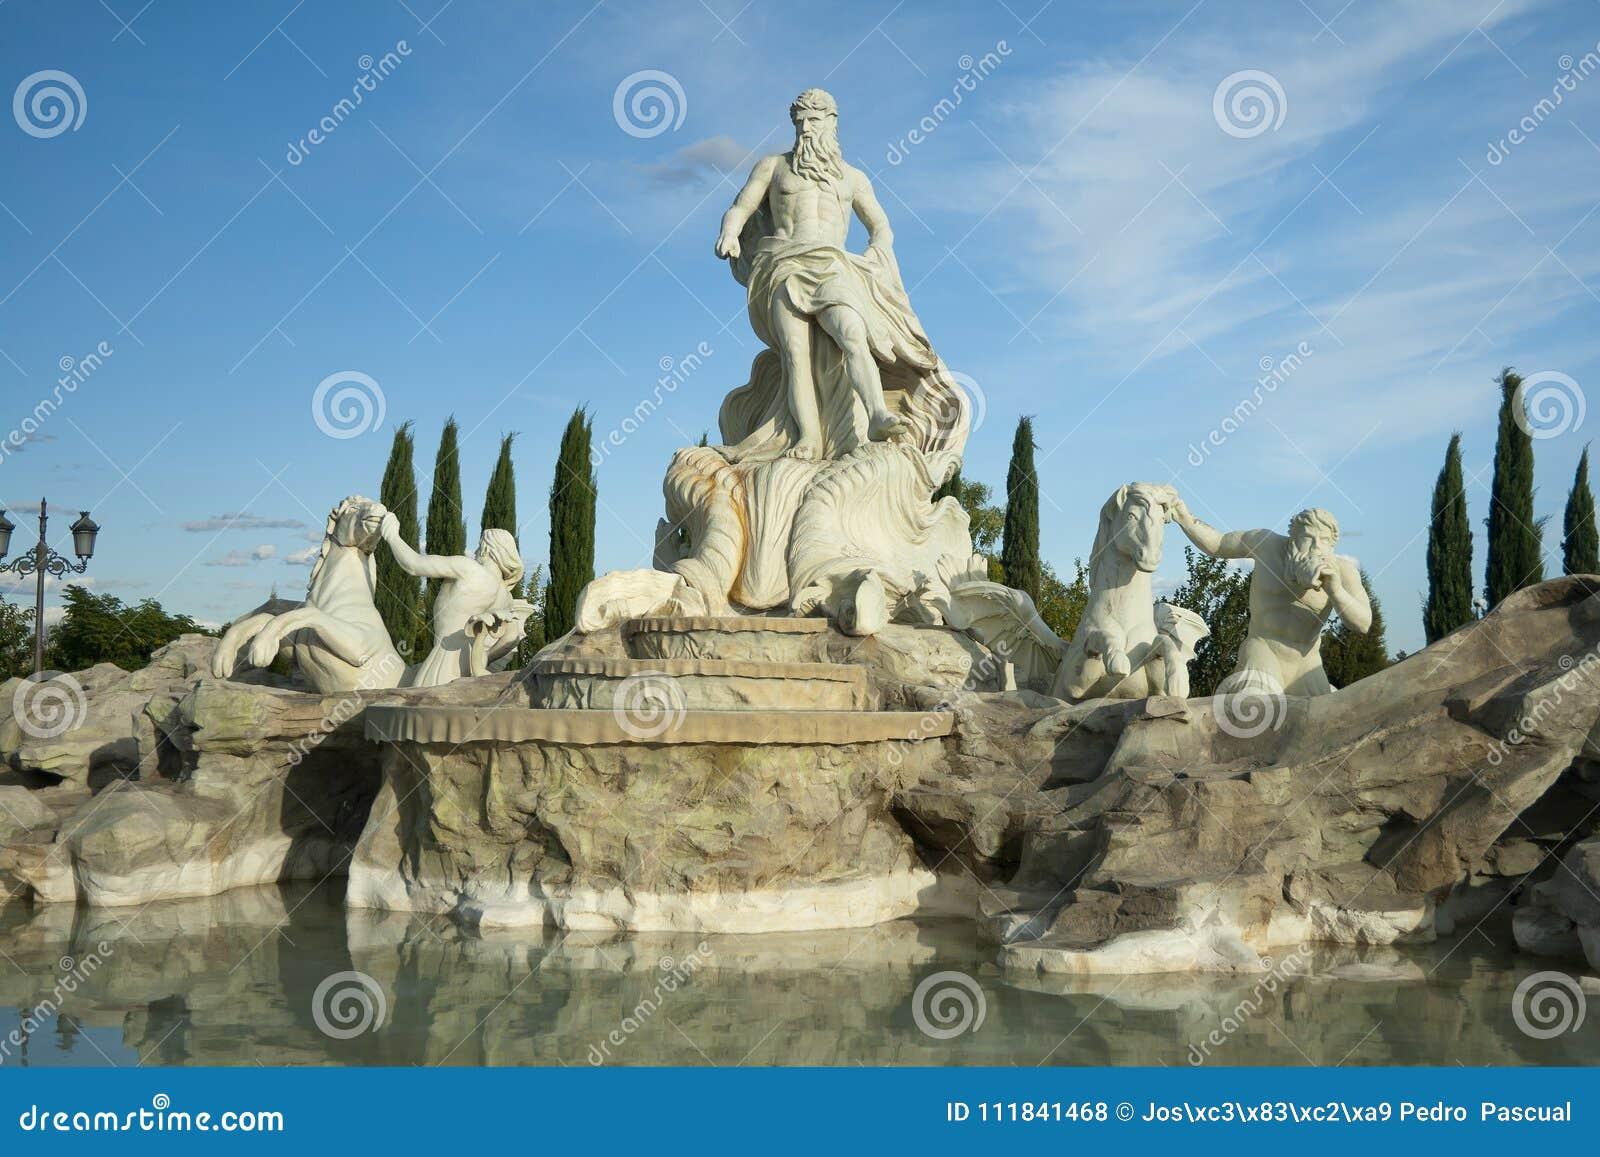 Wiedergabe Fontanas di trevi Parque de Europa